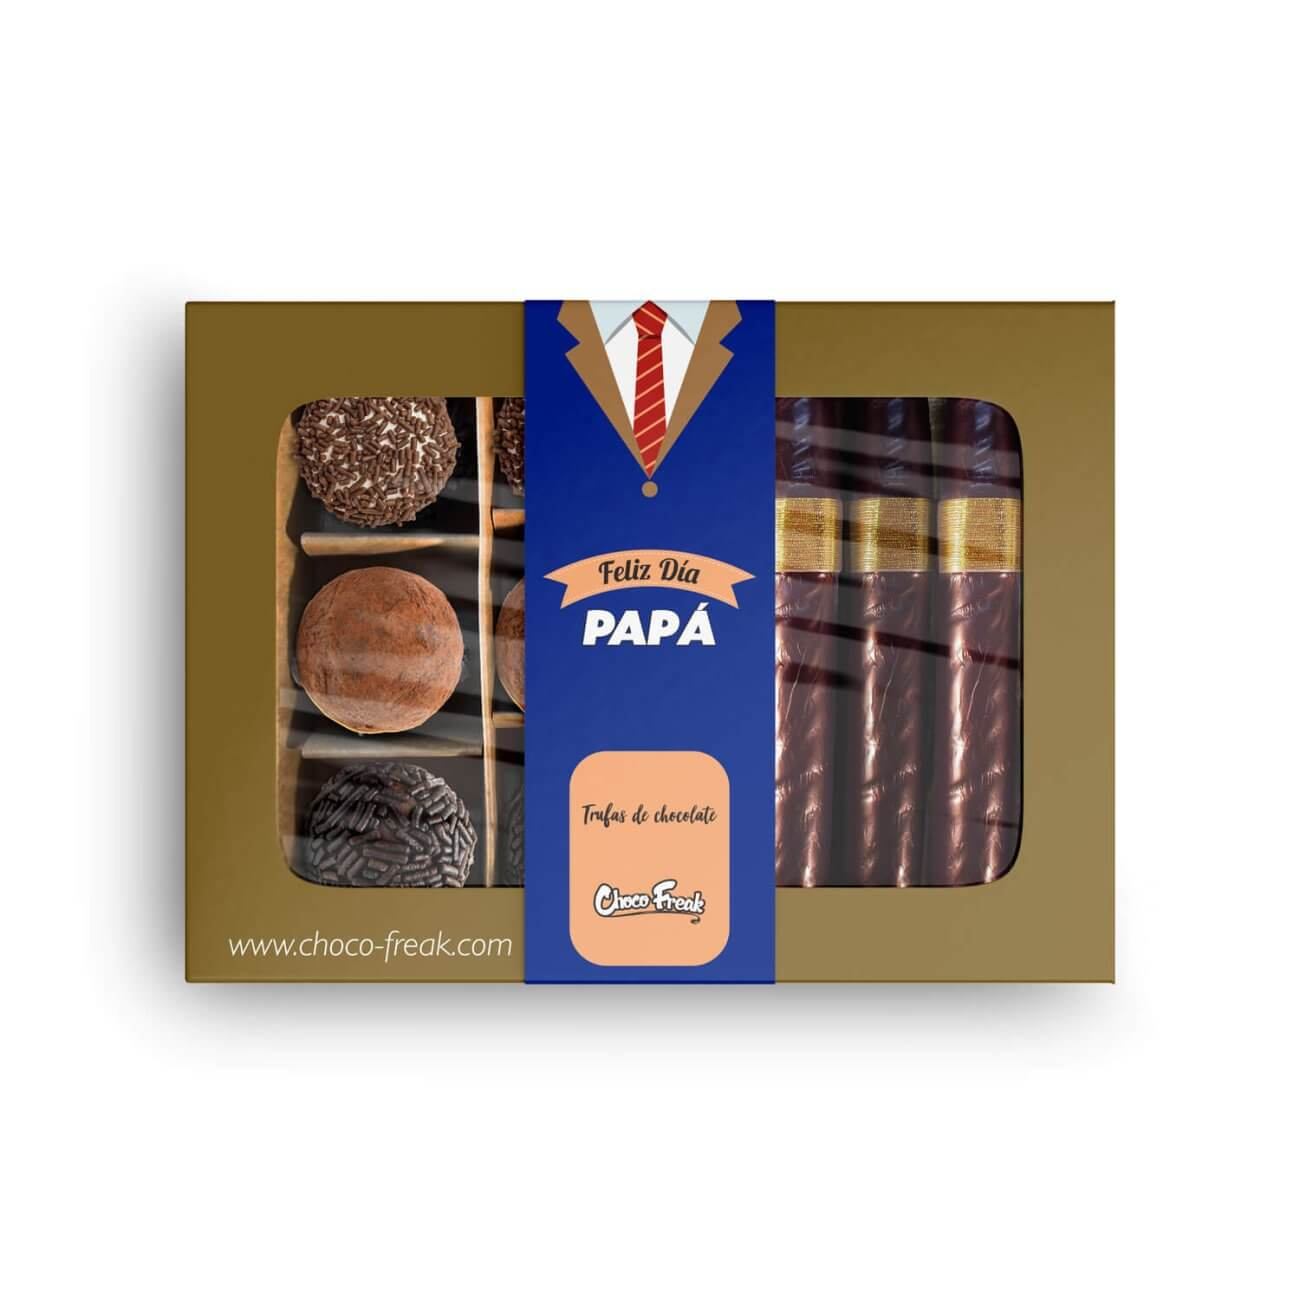 Habanos de chocolate regalos a domicilio día del padre Quito Guayaquil Ecuador